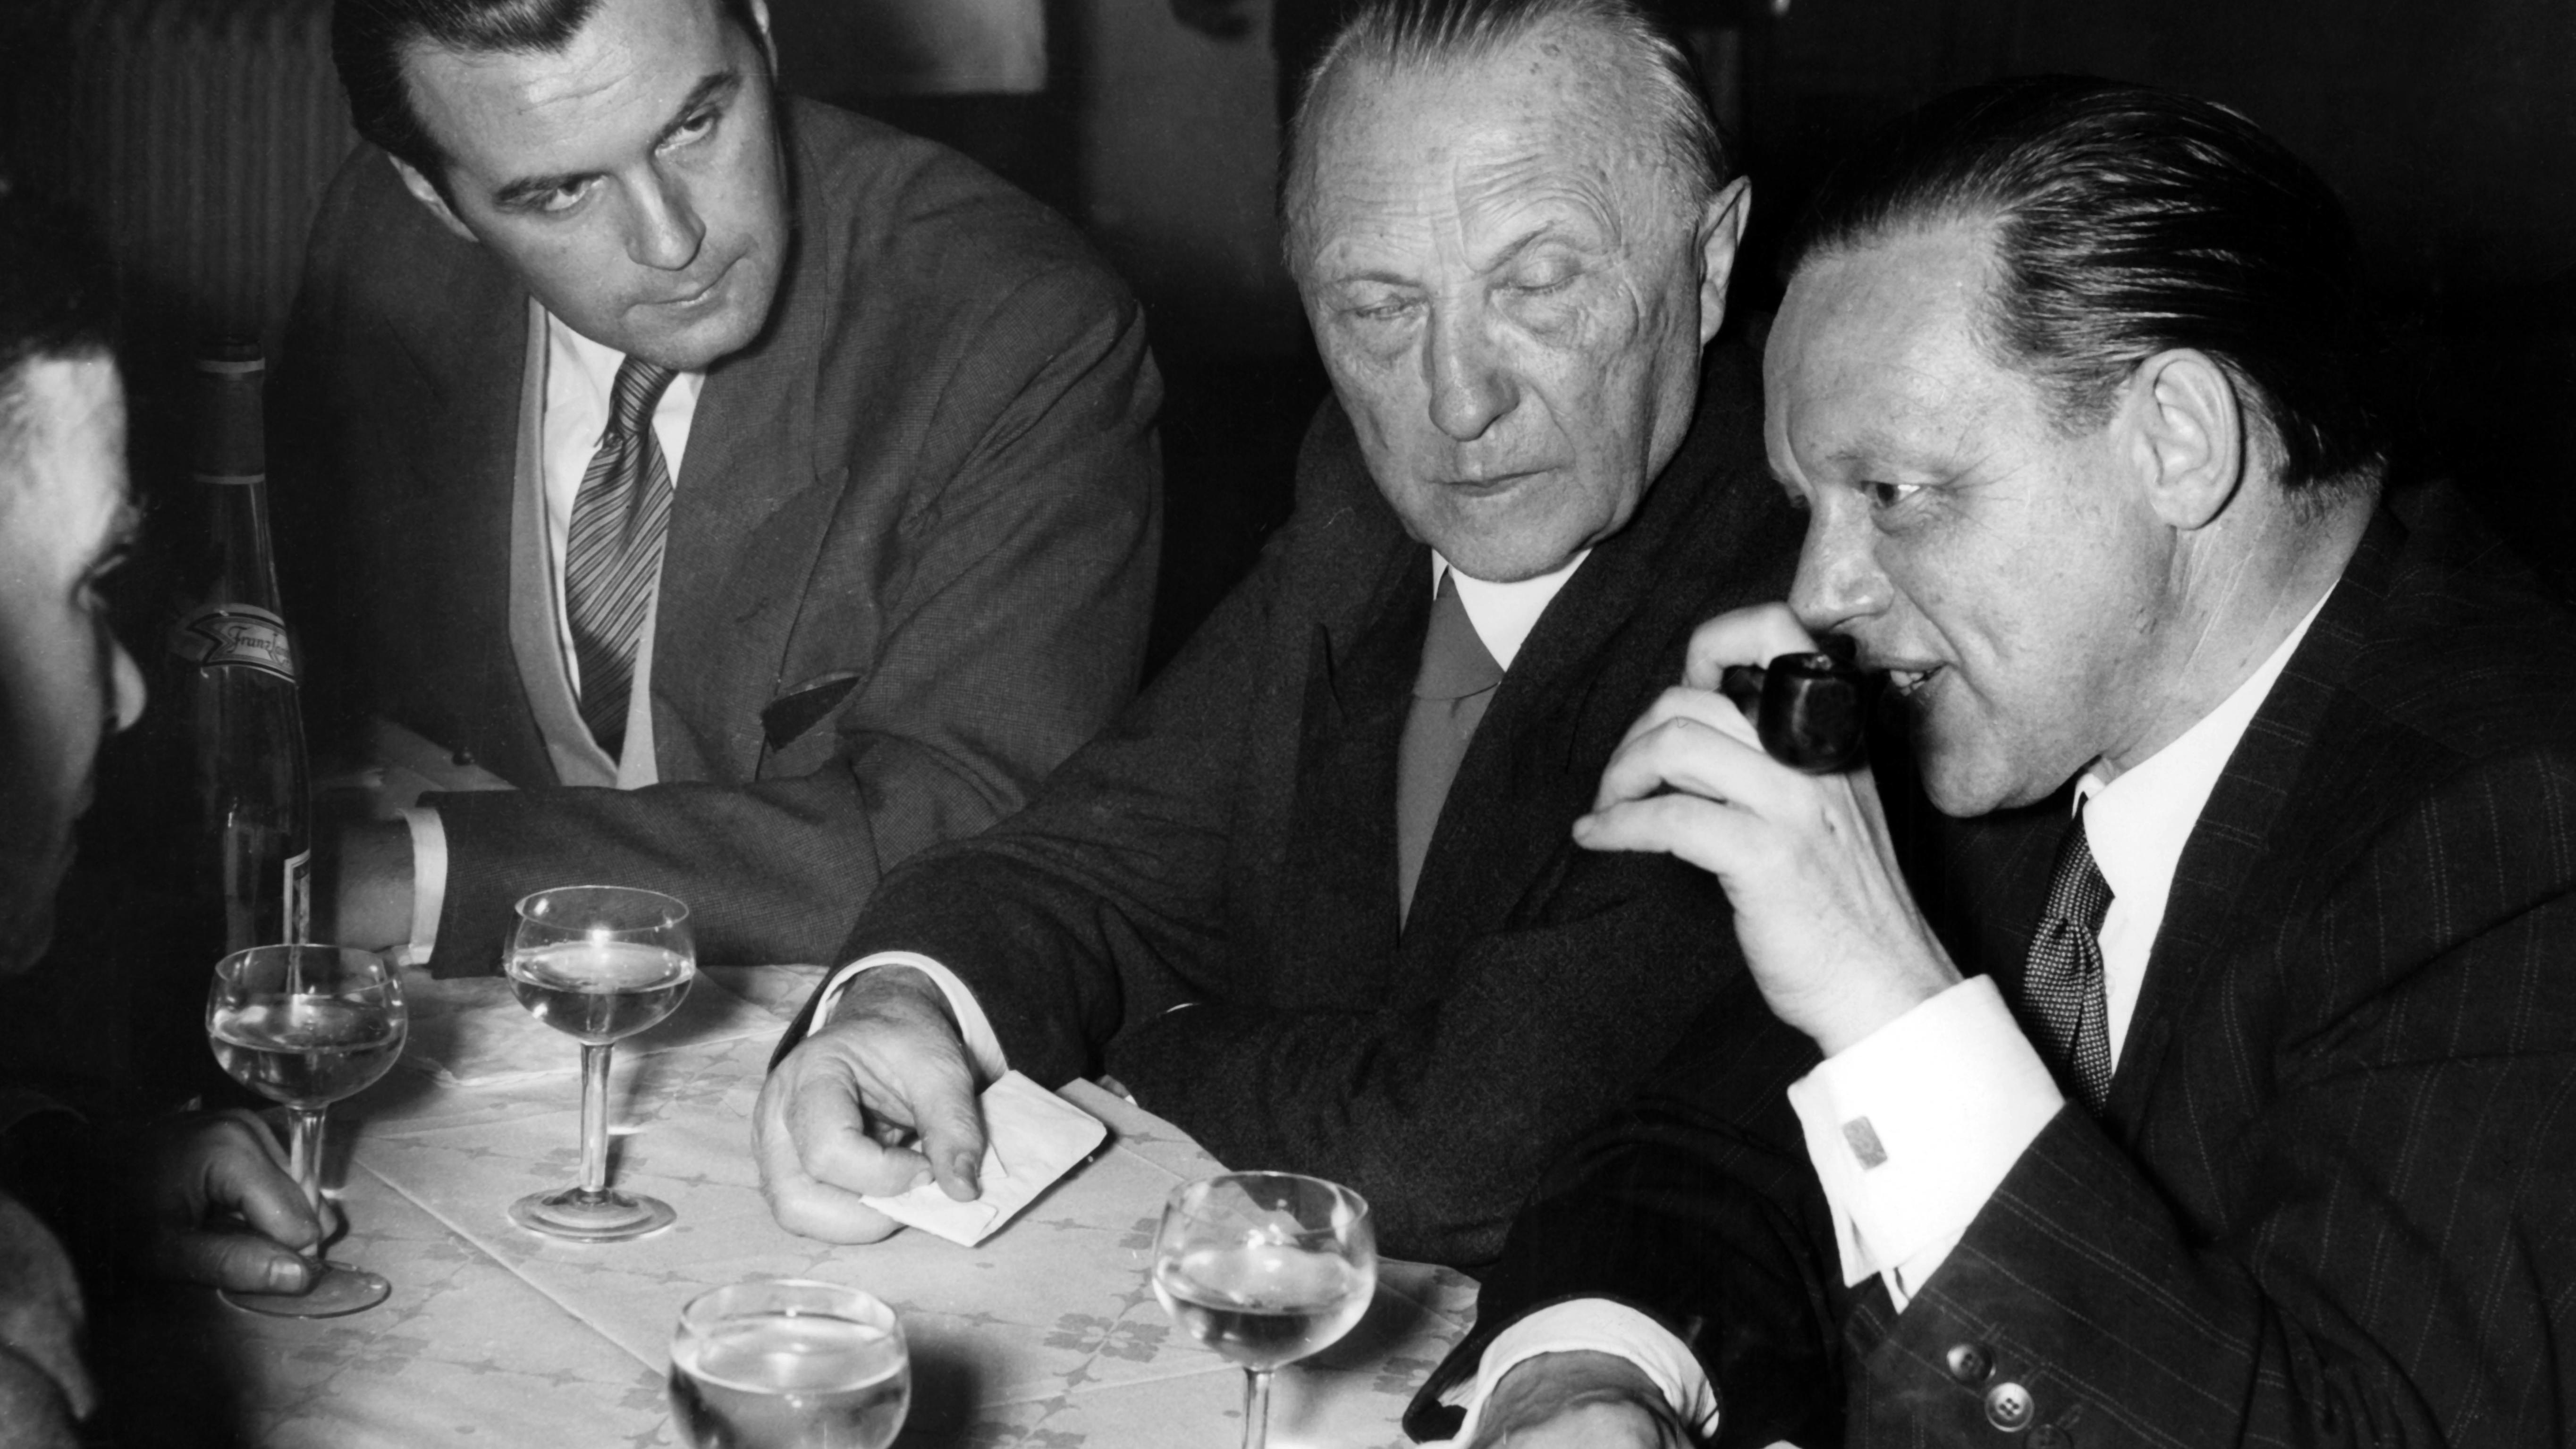 Bundeskanzler Konrad Adenauer (M) auf dem CDU-Parteitag im Oktober 1951 in Karlsruhe im Gespräch mit einem Journalisten (r). an einem Tisch voller Weingläser.